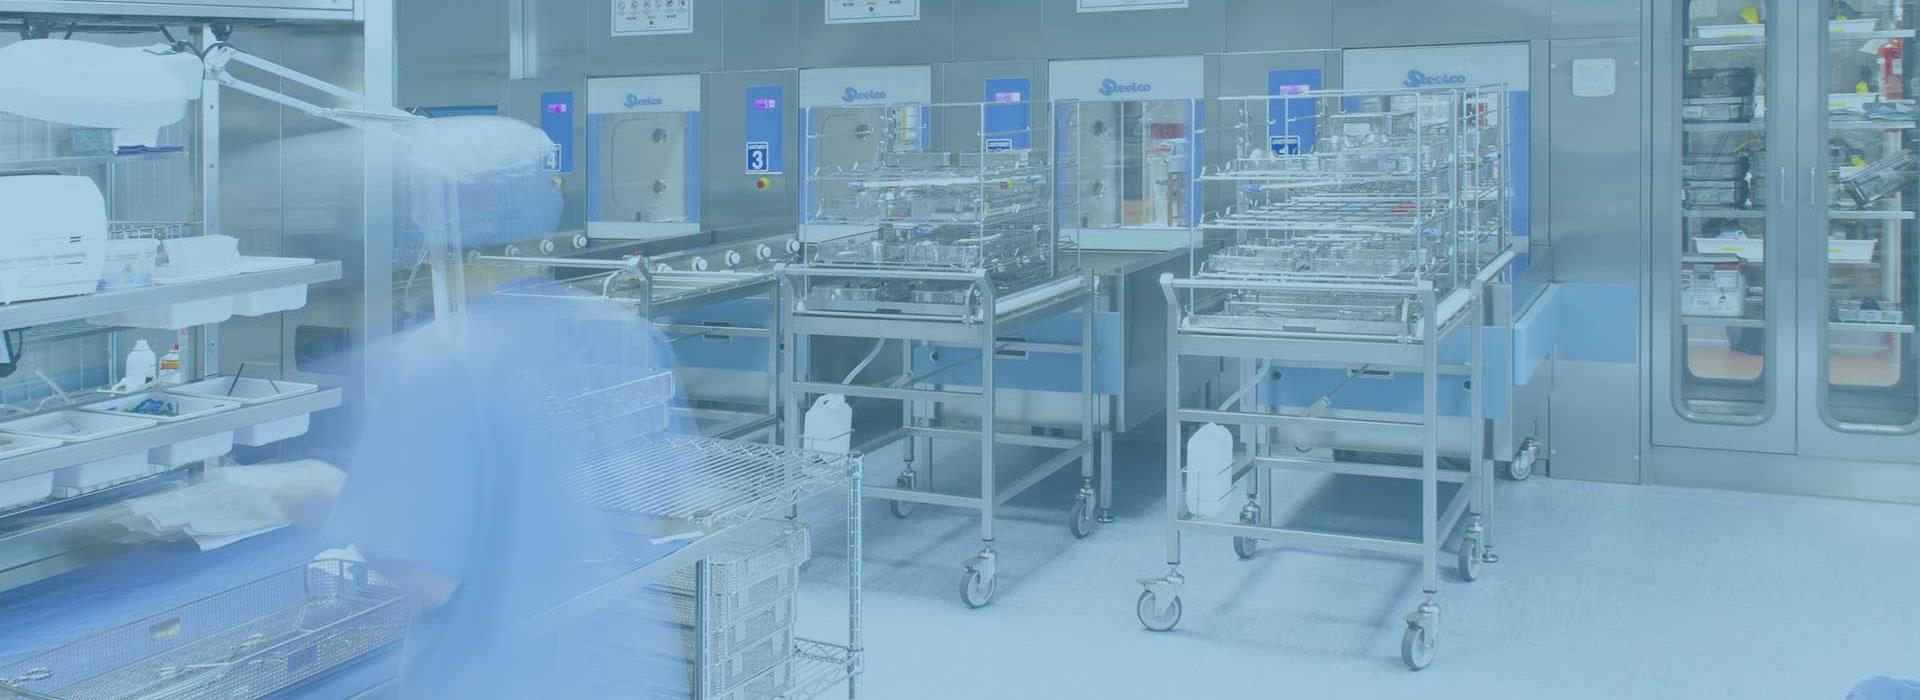 Soluzioni Integrate per Ospedalità Pubblica e Privata